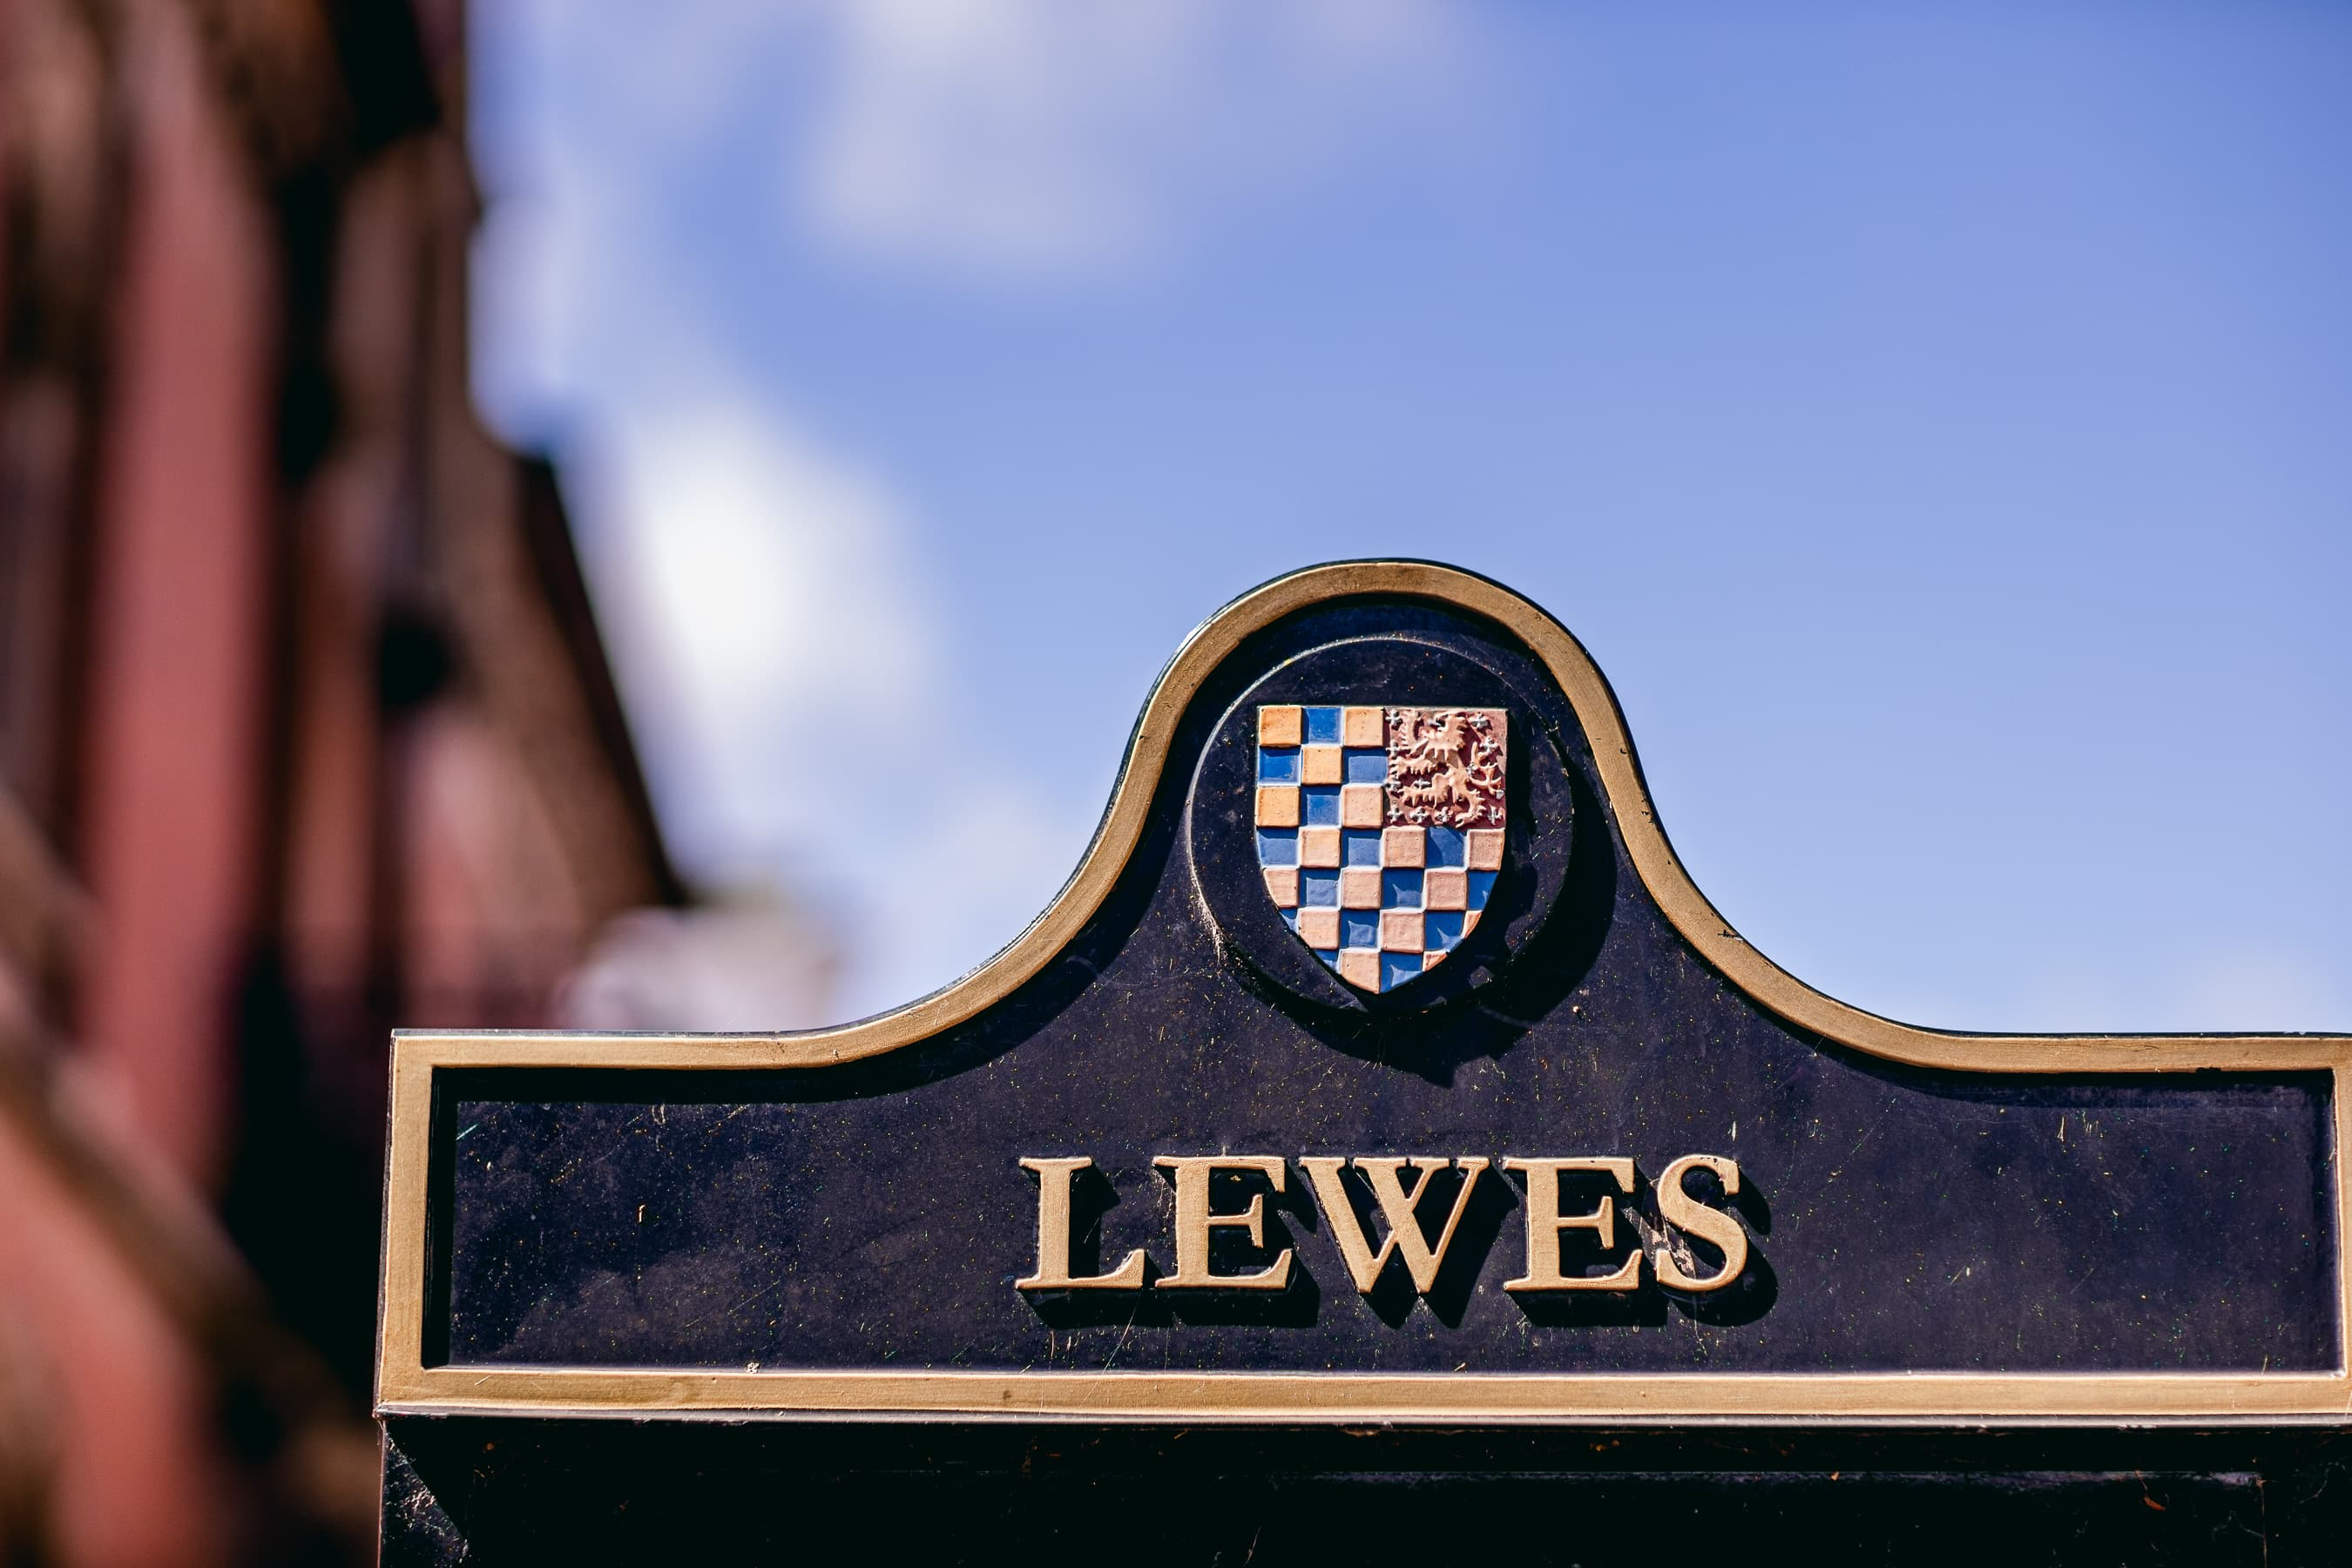 Lewes Wedding Venues